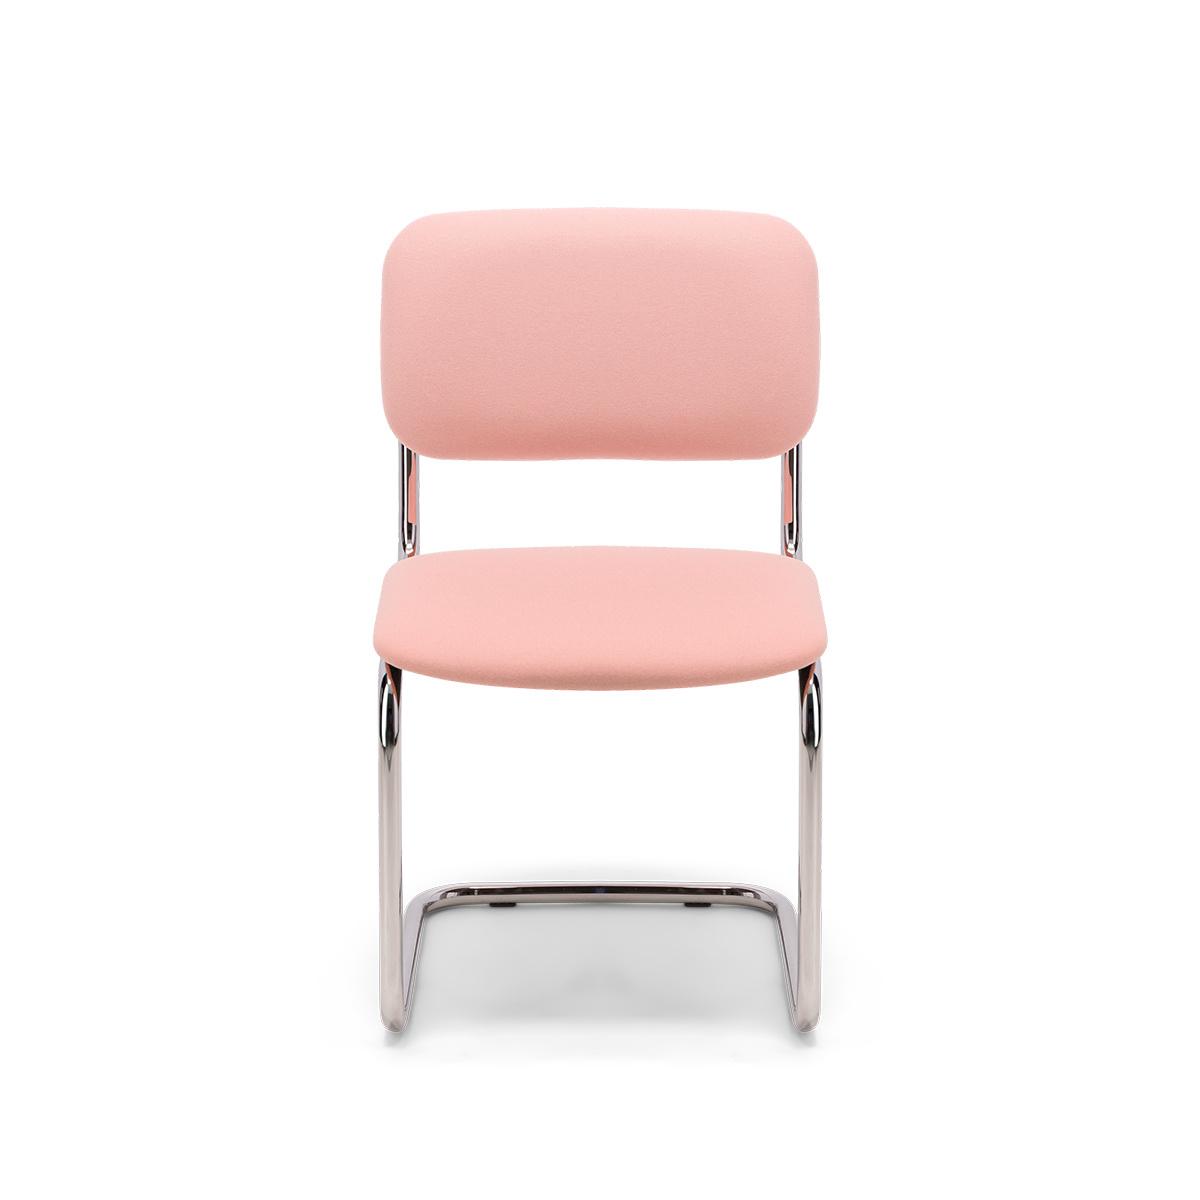 Chaise Classica feutre rose poudré